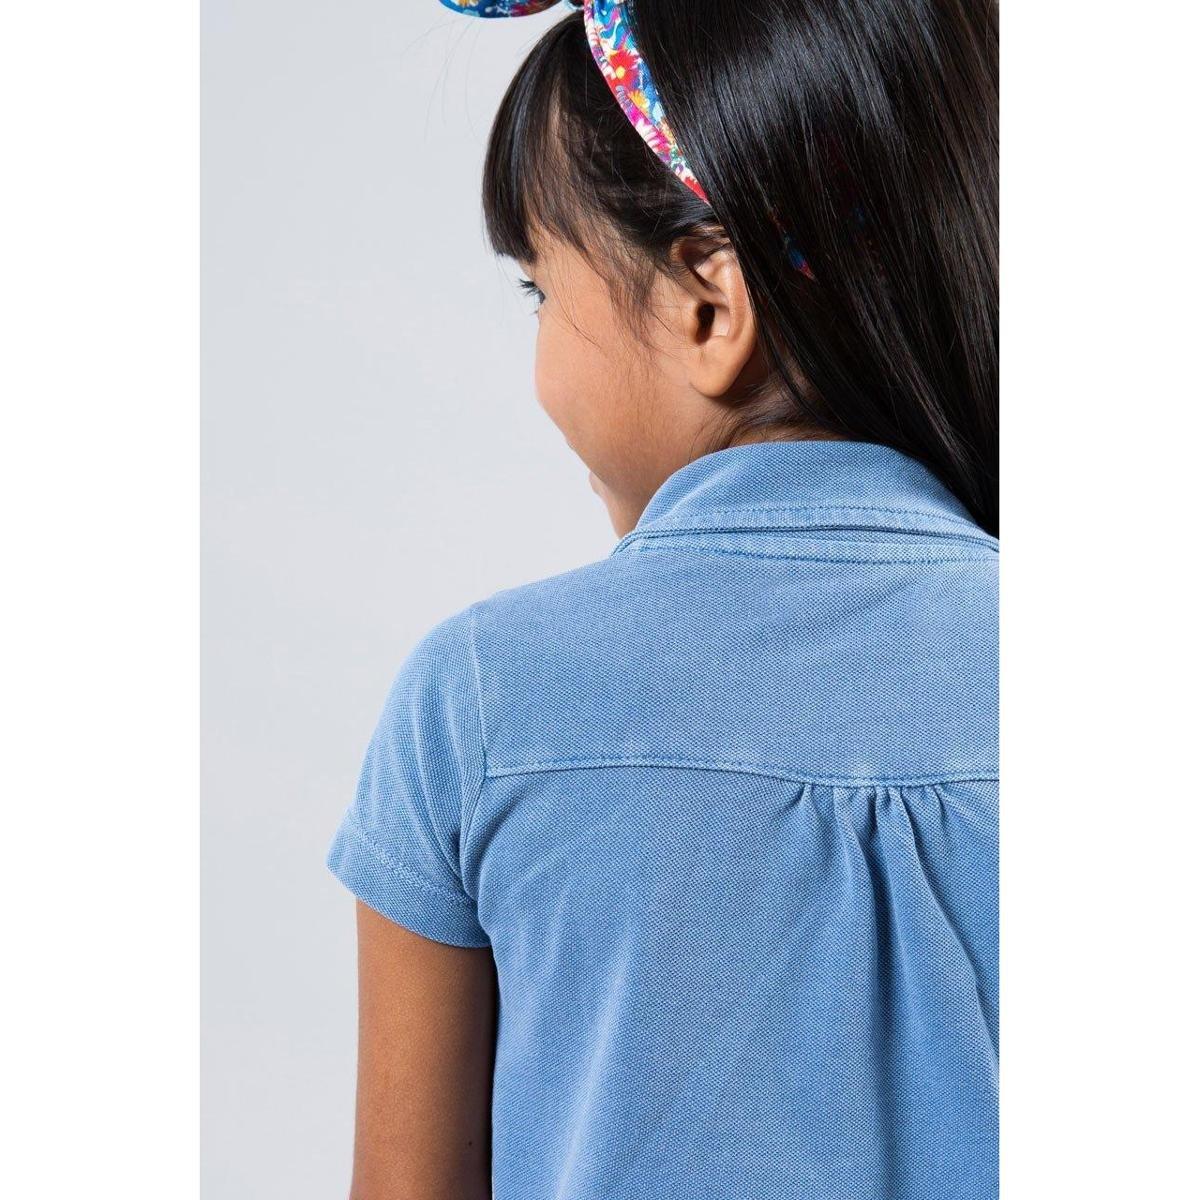 b16205d1e1 Camisa Polo Infantil Reserva Mini Feminina - Azul Petróleo - Compre ...